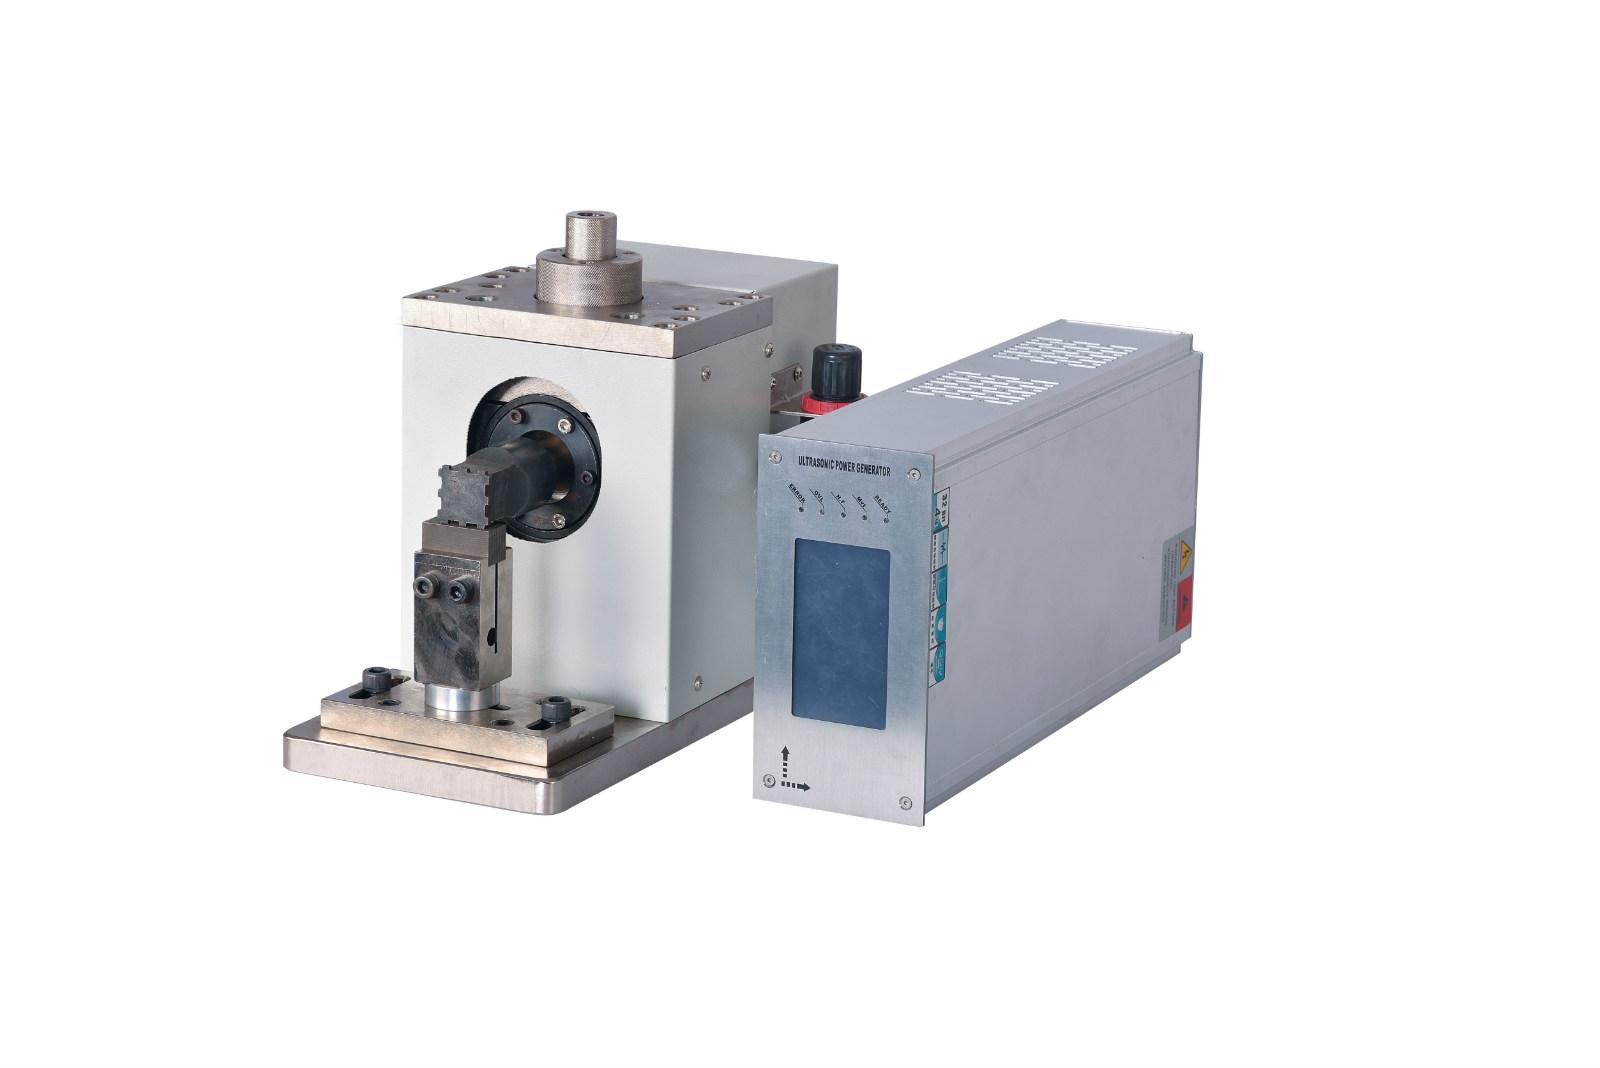 超声波金属焊接机-哪里买质量好的超声波设备